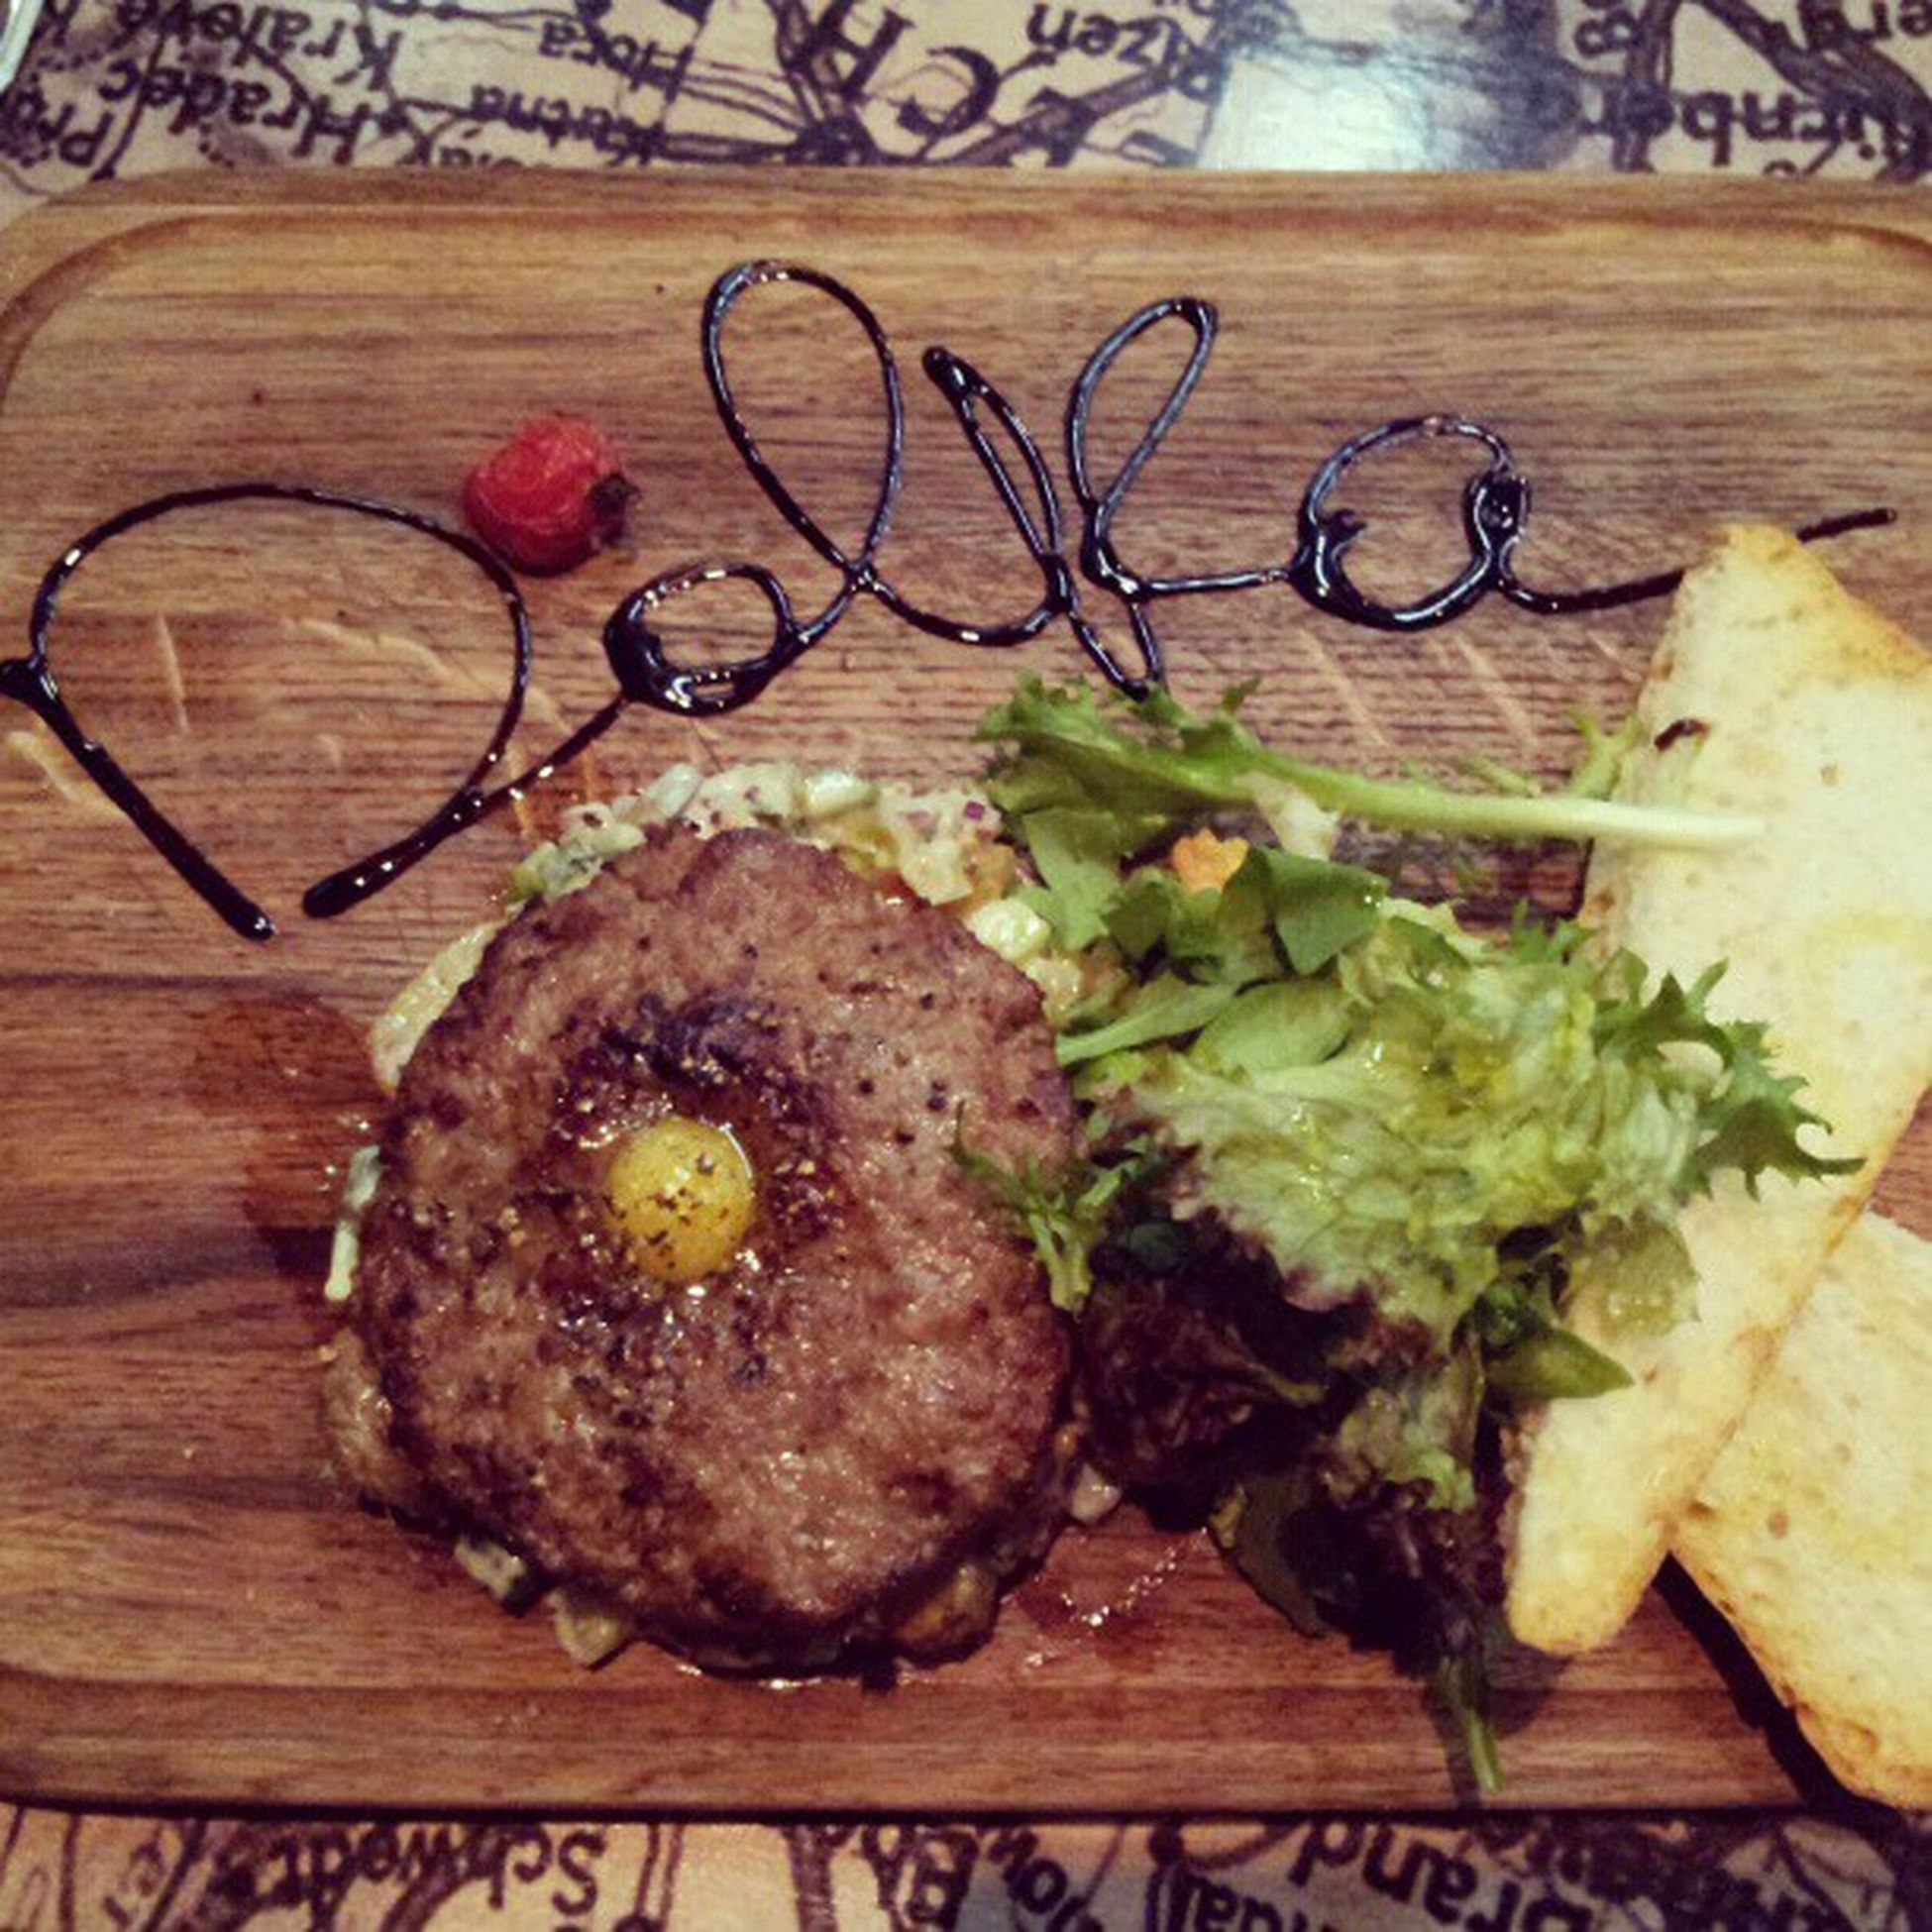 приятного аппетита) бургер